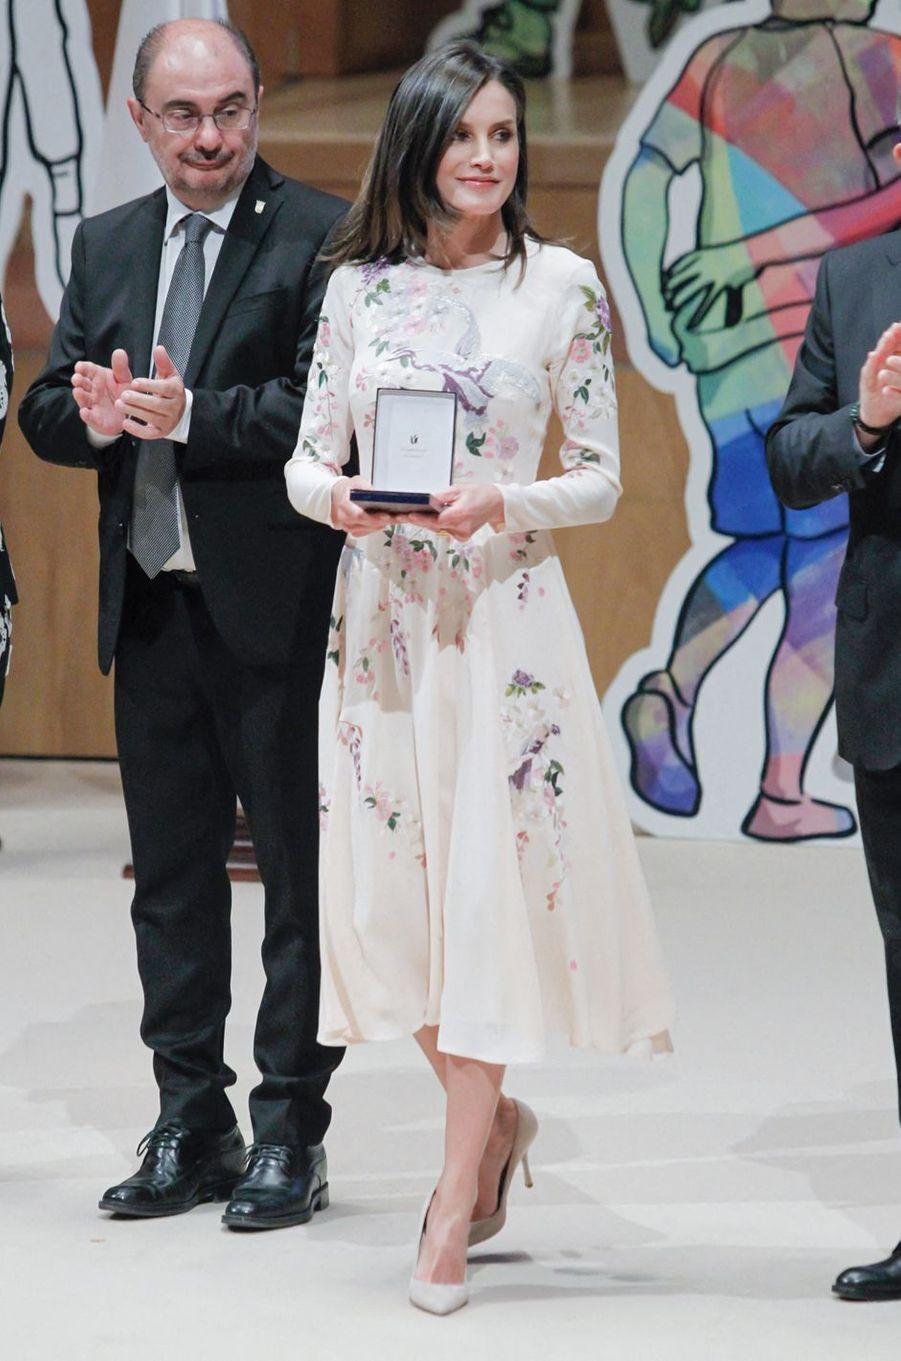 La reine Letizia d'Espagne remet les médailles d'or de la Croix-Rouge à Saragosse, le 7 mai 2019